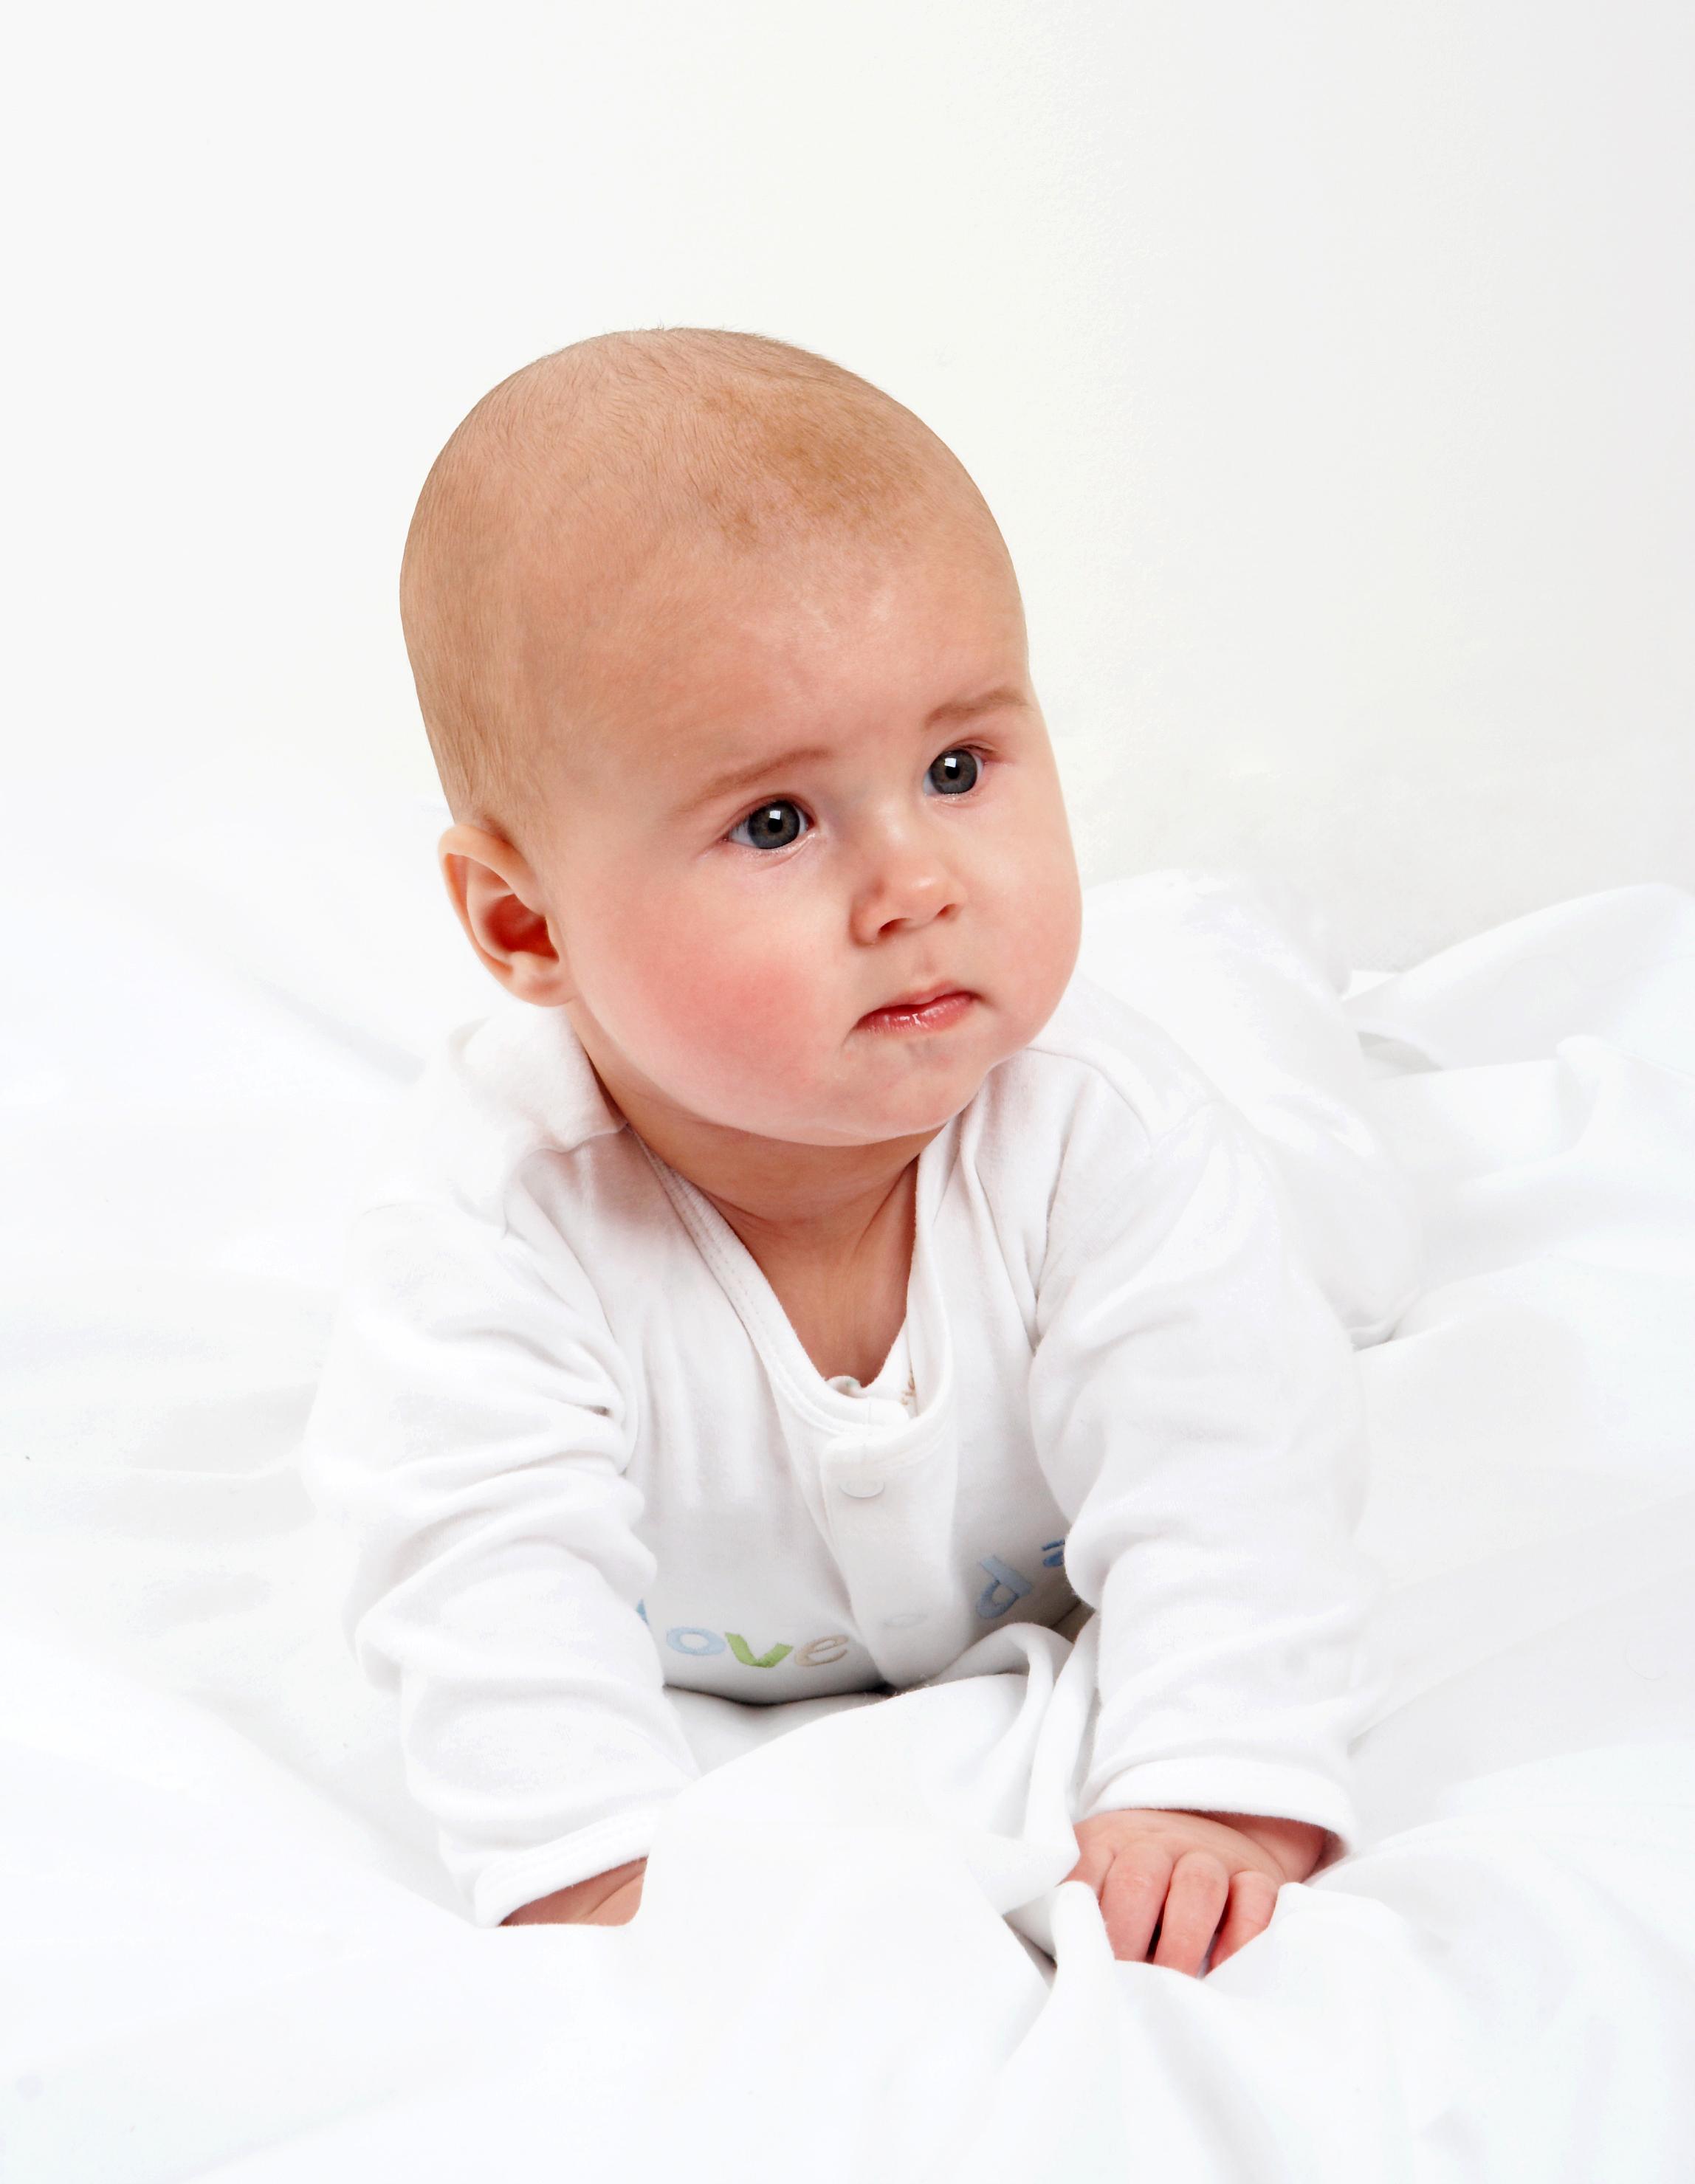 Plodové obaly miminko chrání, ale mohou být i příčinou komplikací